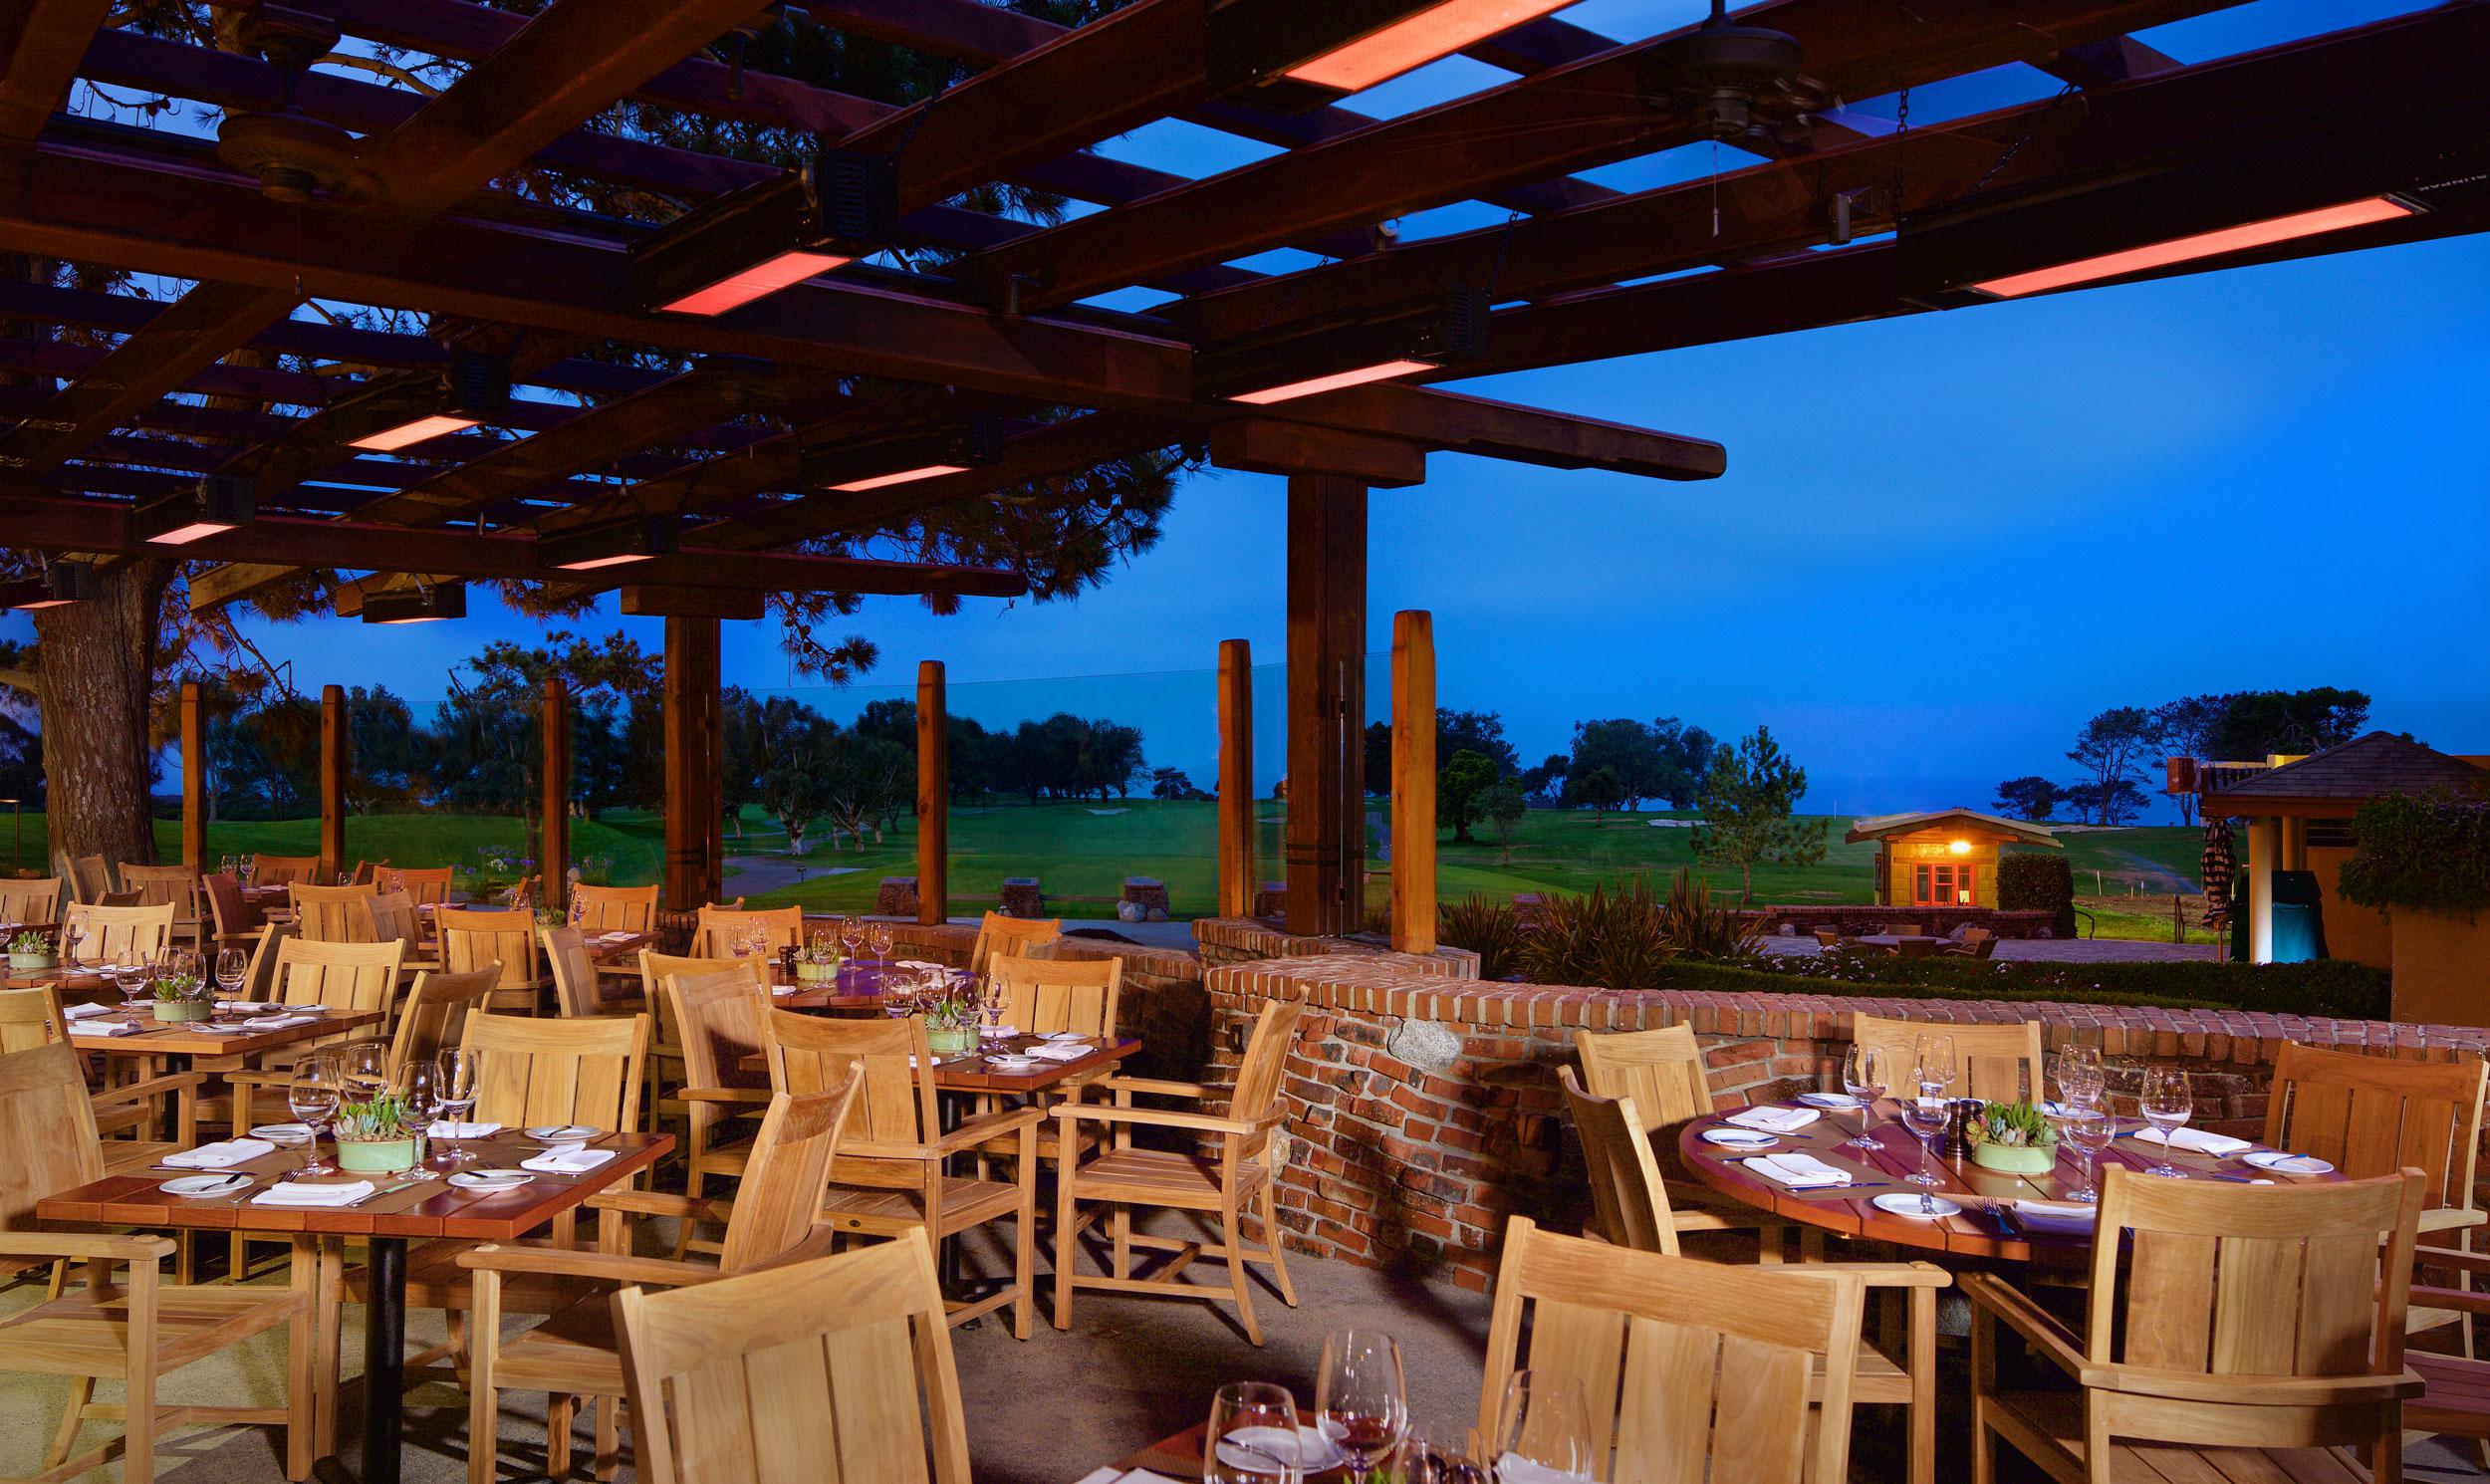 Grill_patio_dusk.jpg